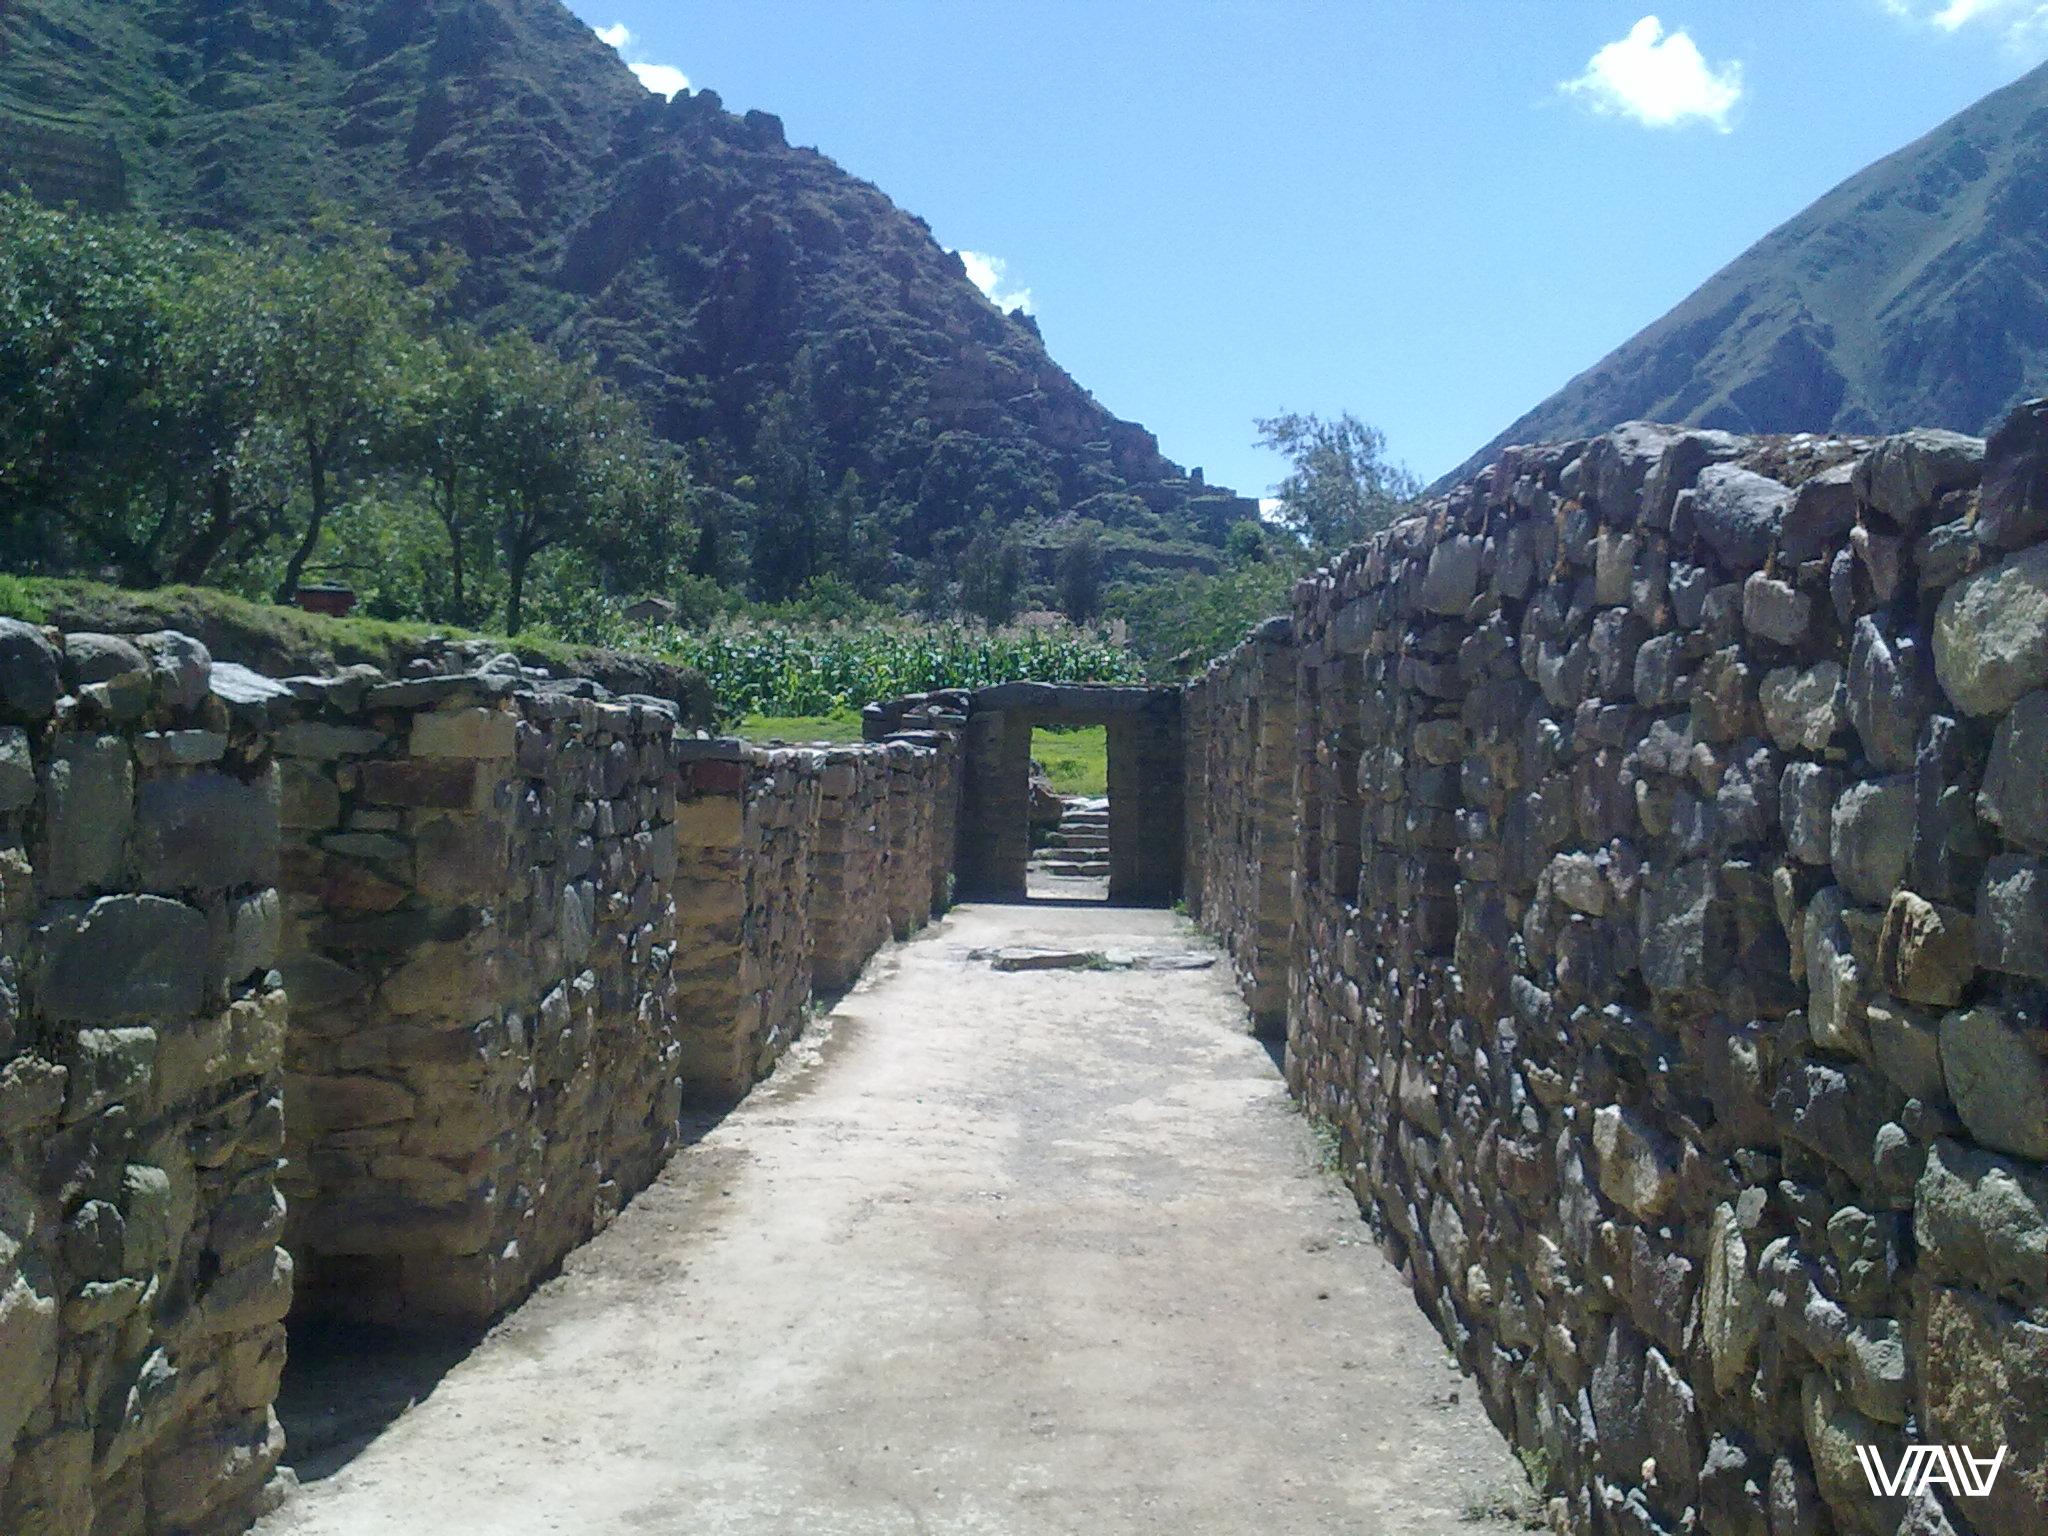 Когда-то по этому коридору ходили люди на тысячу лет старше нас. Помнят ли камни все в городе Оянтайтамбо в Перу.